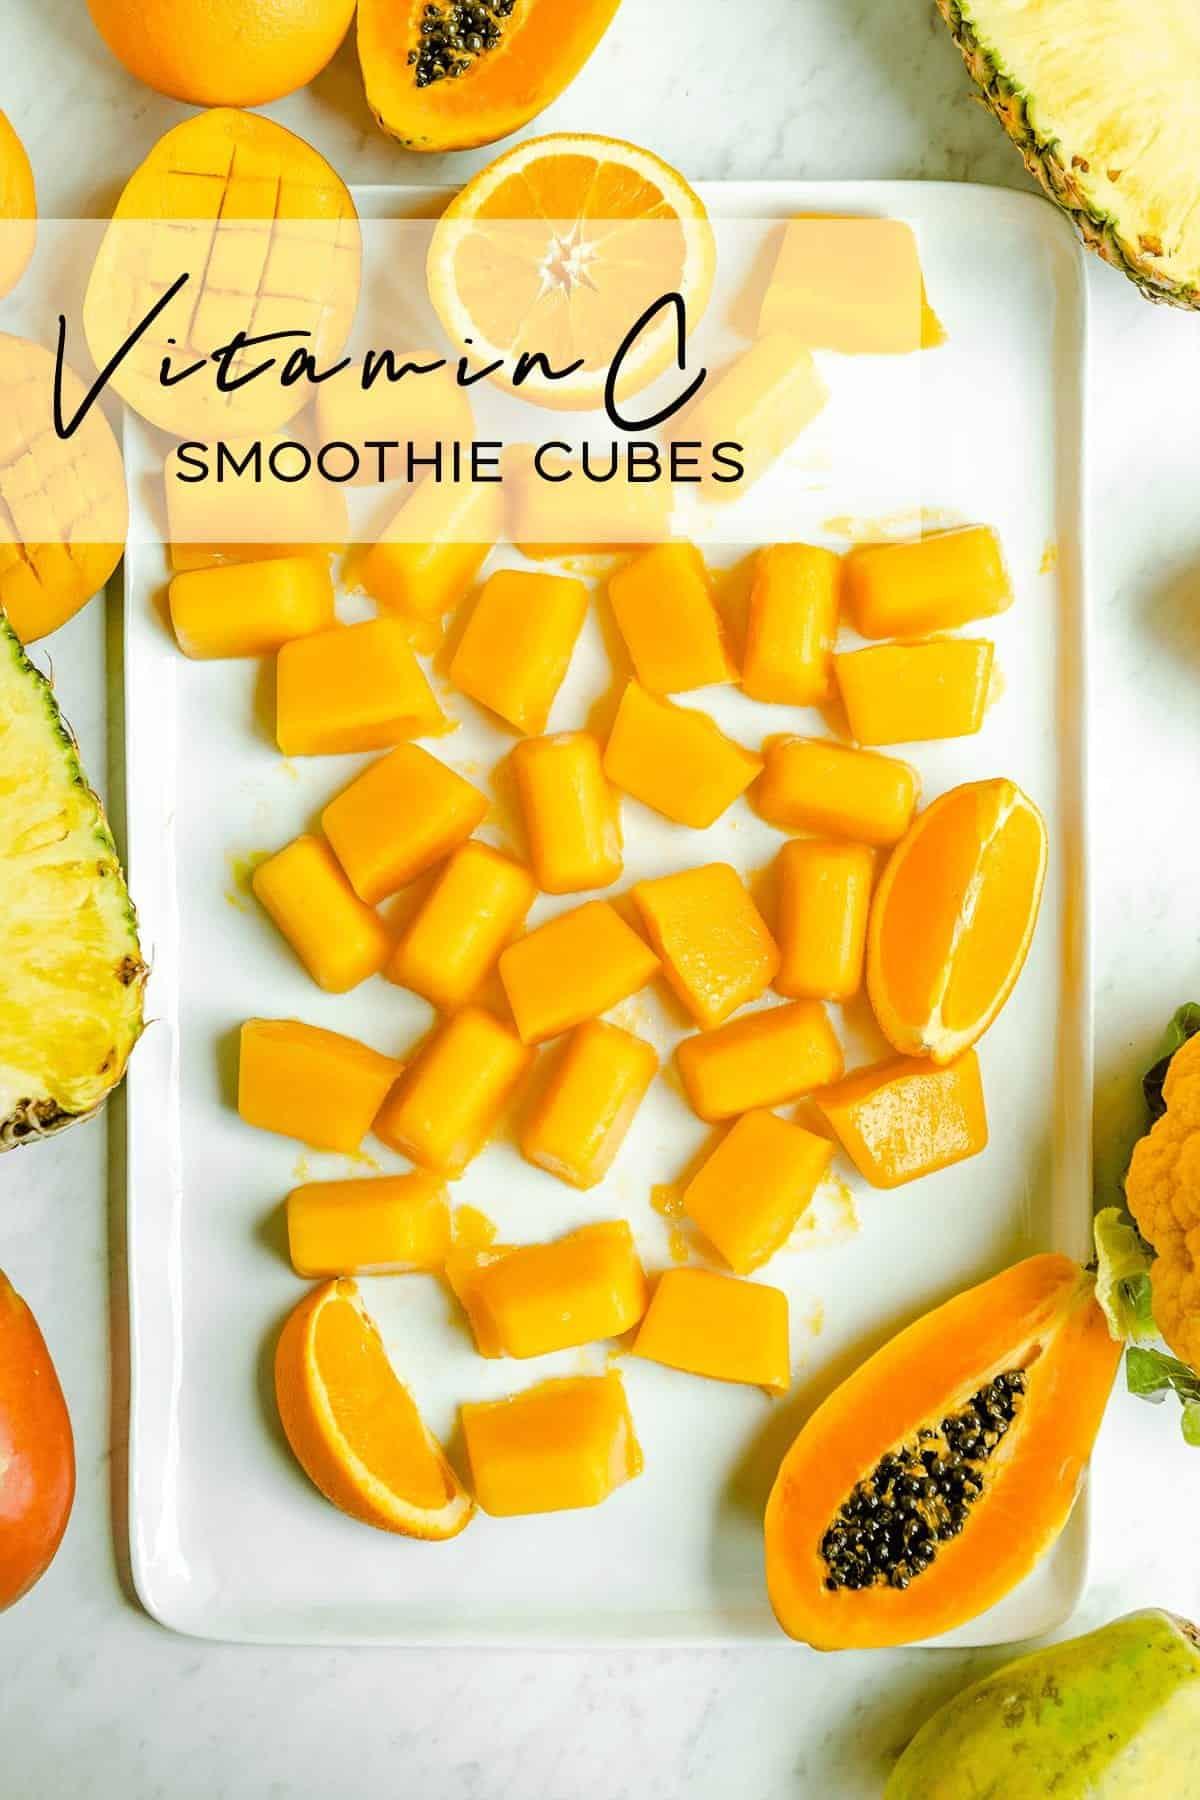 Vitamin C smoothie cubes